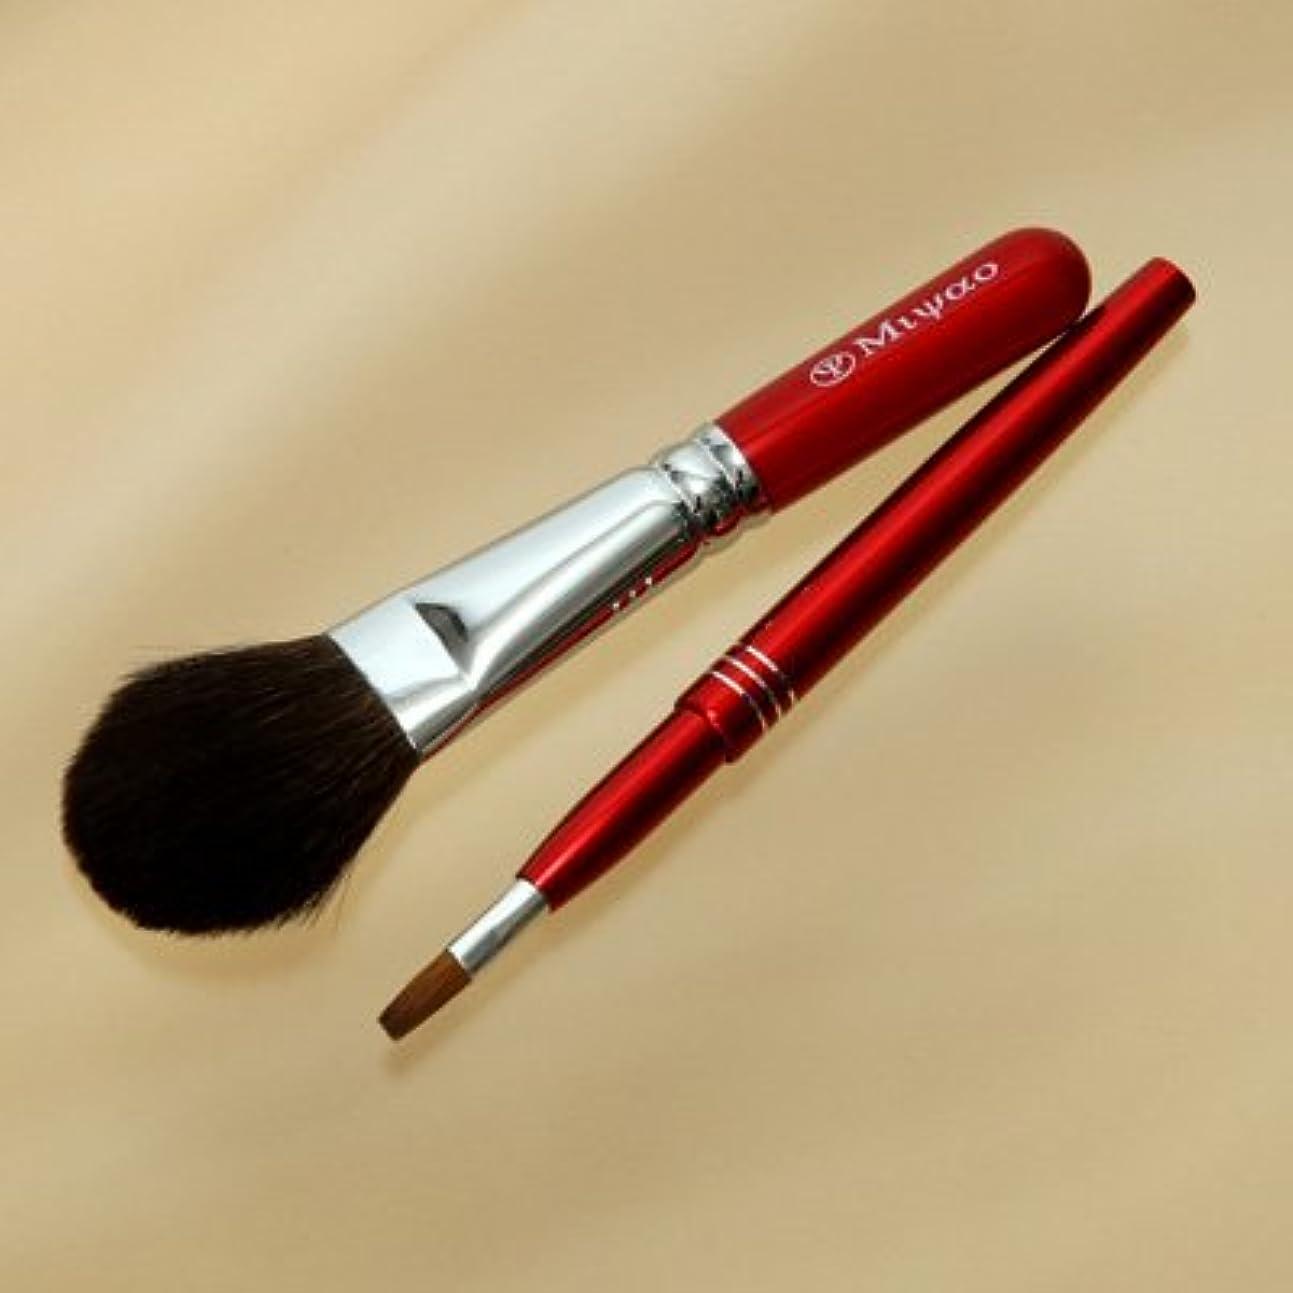 リスナー見えない計算可能熊野化粧筆メイクブラシ2点セット [灰リス100%チークブラシ(S)&携帯リップブラシ]レッドパール